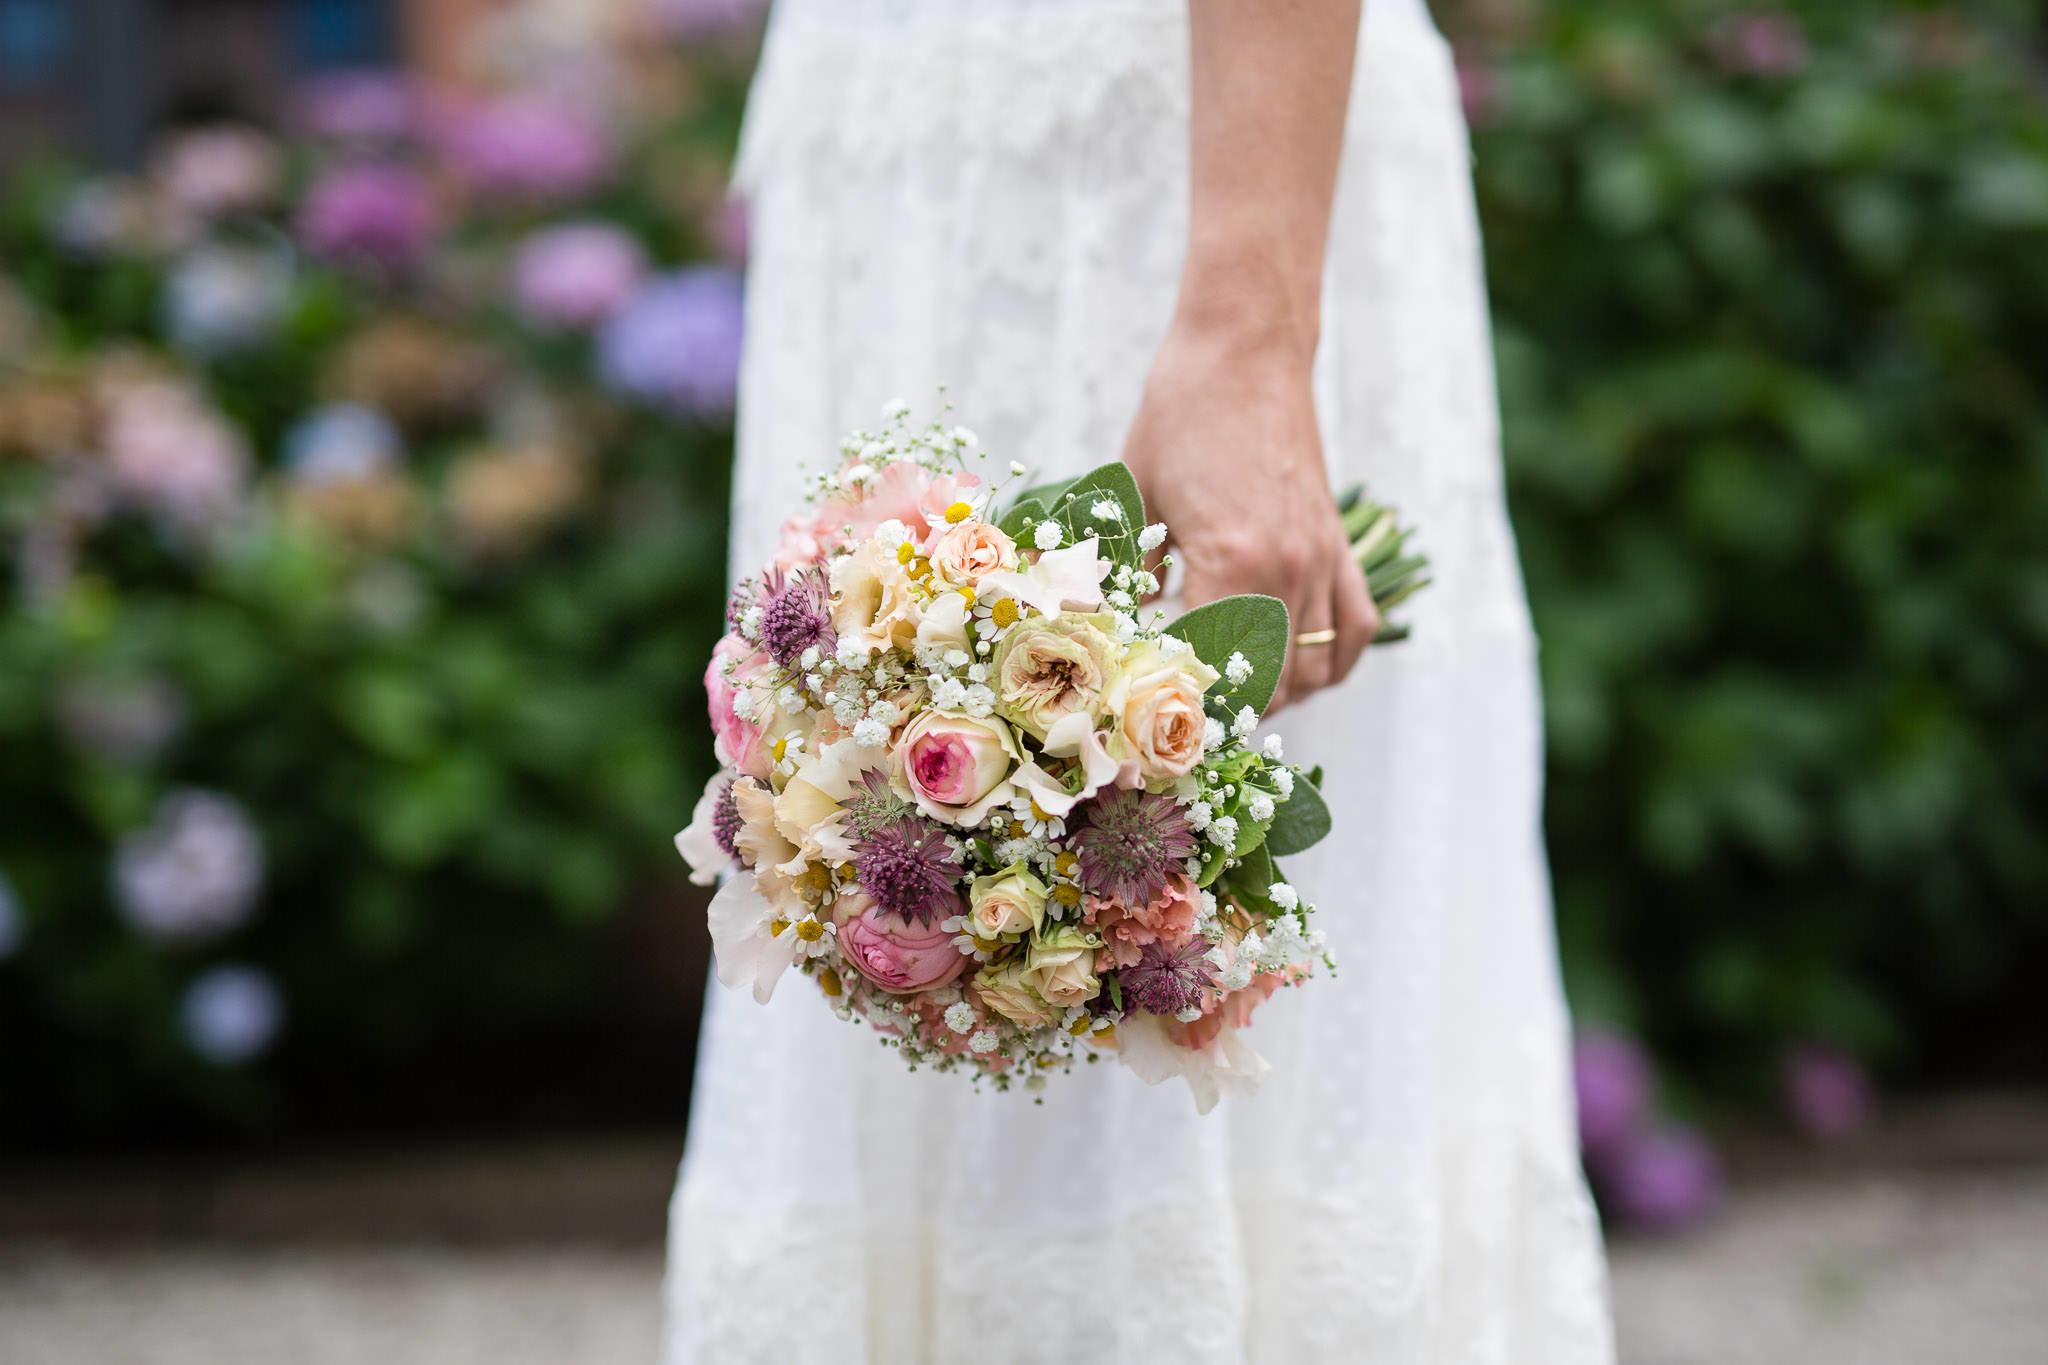 Brautstrauß, Brautstrauss, Brautsträuße, Brautstraeusse, Ernst Merkhofer, Hochzeitsfotograf, Portraitfotograf, Fotograf, Hochzeiten, Hochzeit, wedding, Wedding, Bridal Bouquet